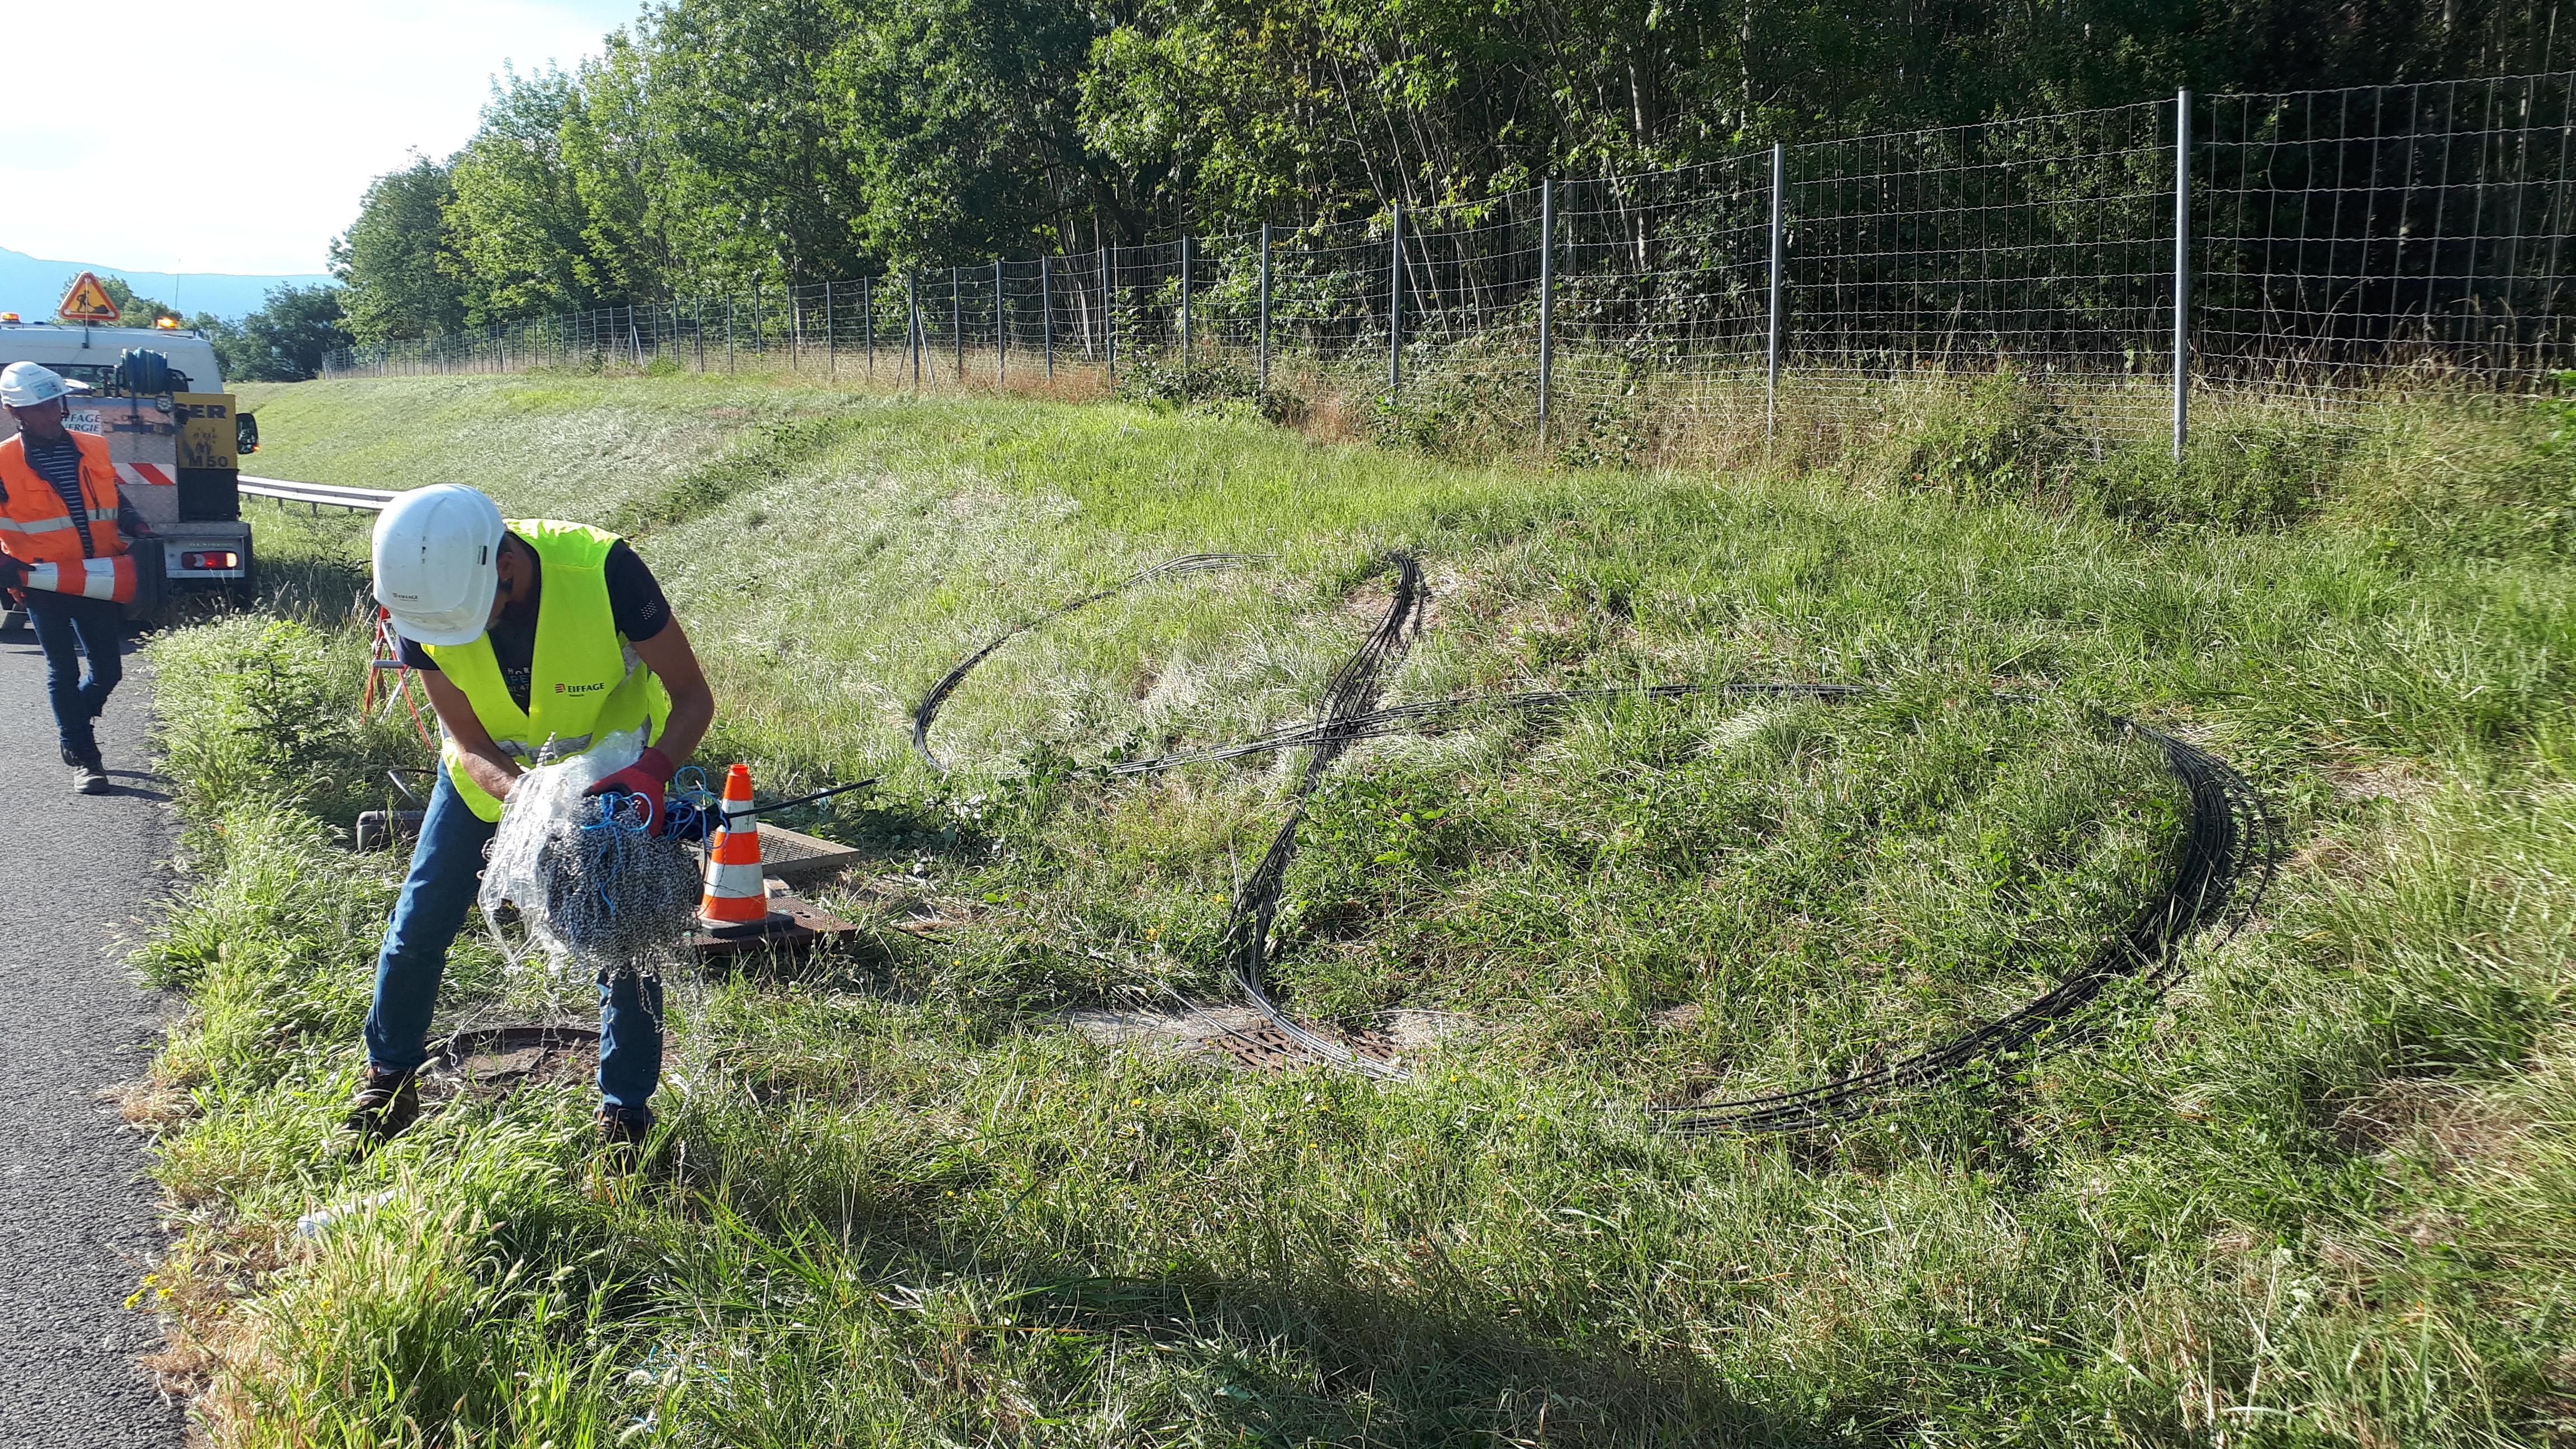 Jusqu'au 25 septembre, les agents posent la fibre optique le long de l'A40, entre Saint-Julien et Viry.